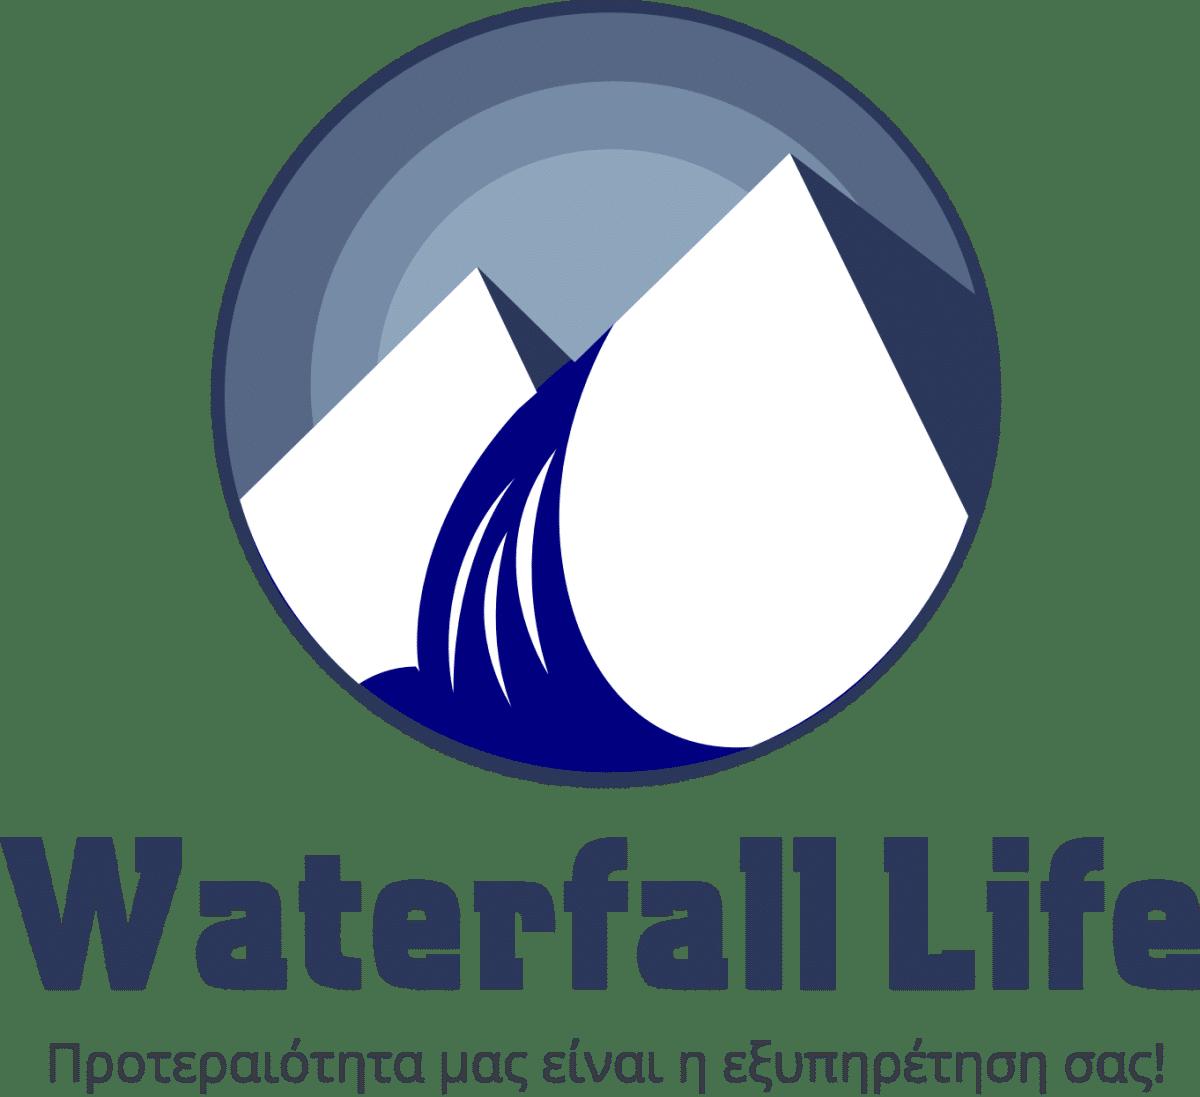 Νερά Βίκος, Διανομή Εμφιαλωμένα Νερά , Βίκος Δωρεάν Ψύκτες Νερού Δωρεάν Διανομή